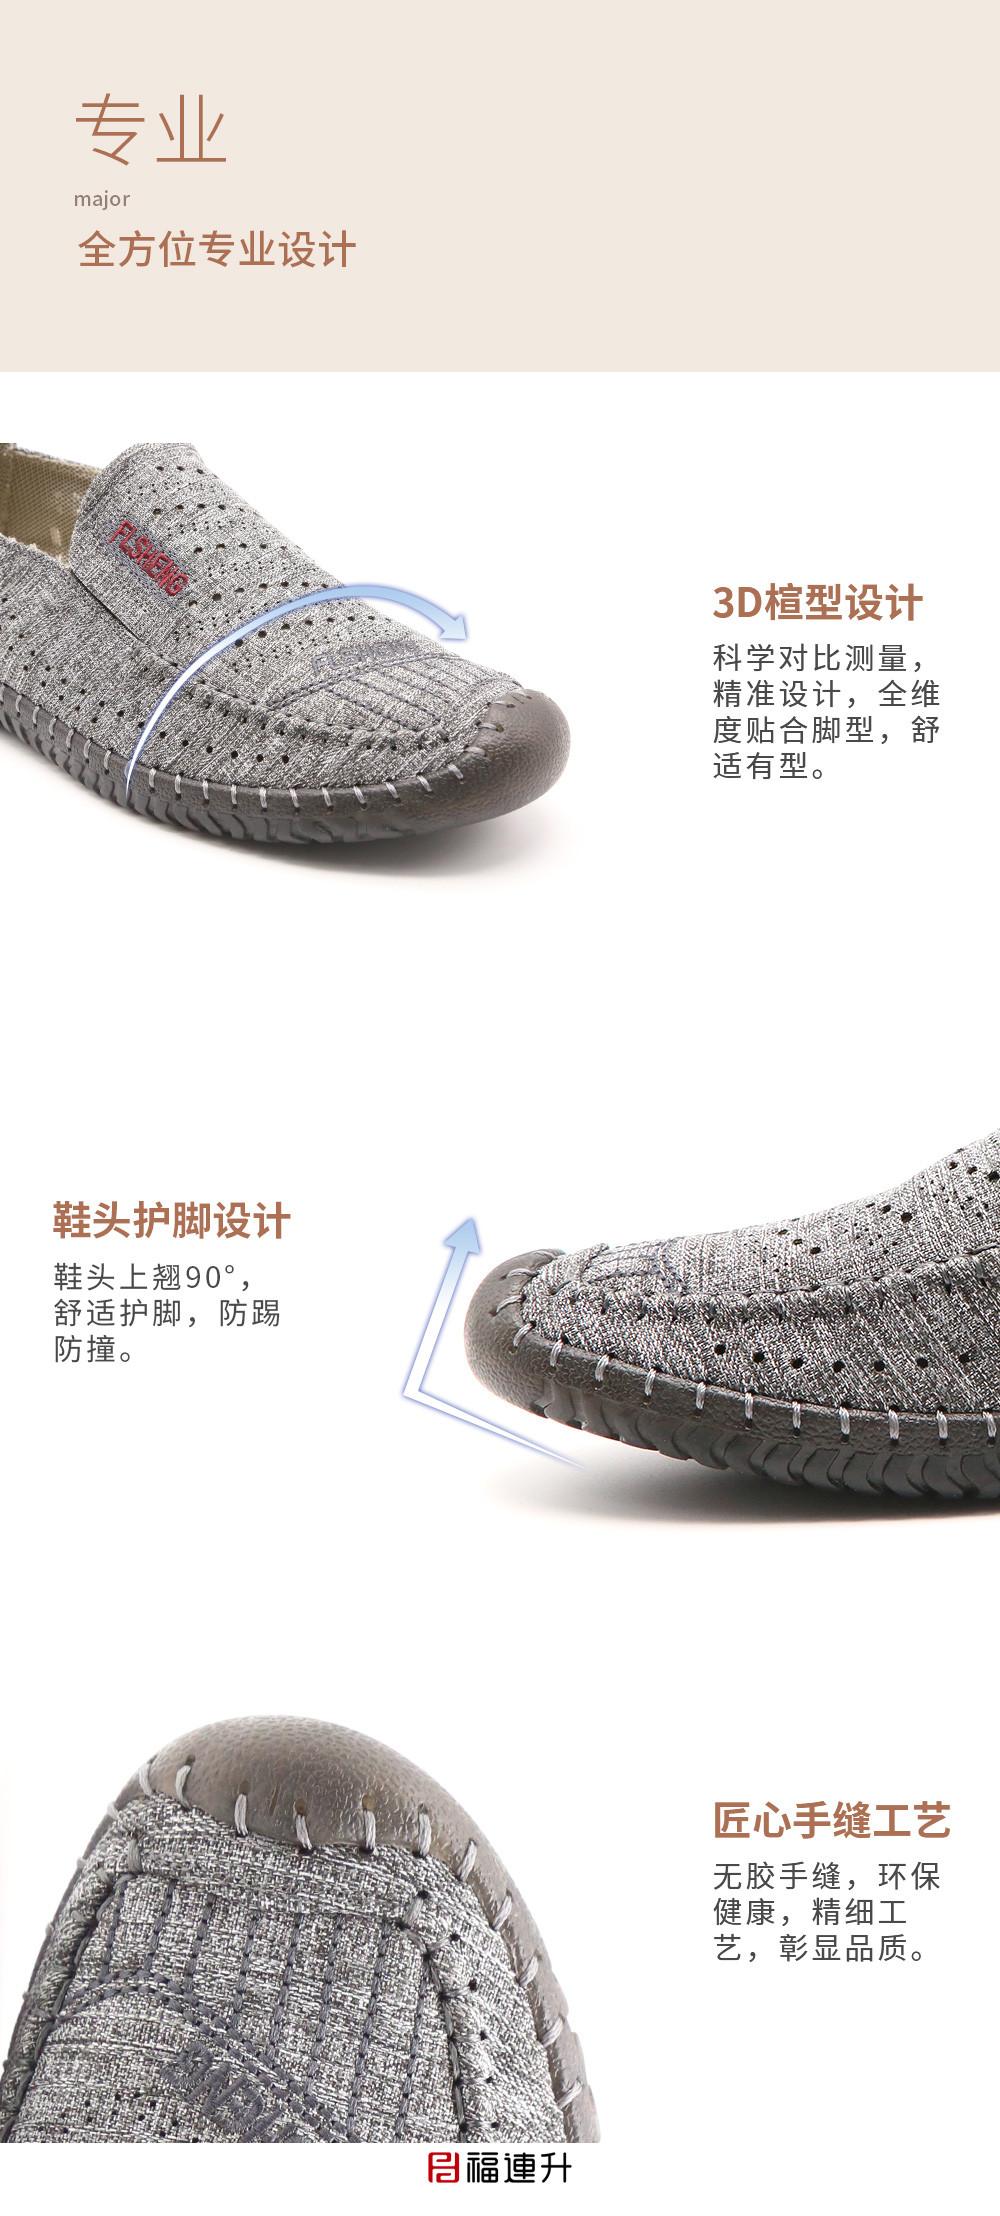 福连升夏透气打孔商务休闲橡胶底车缝线老北京布鞋男凉鞋图片